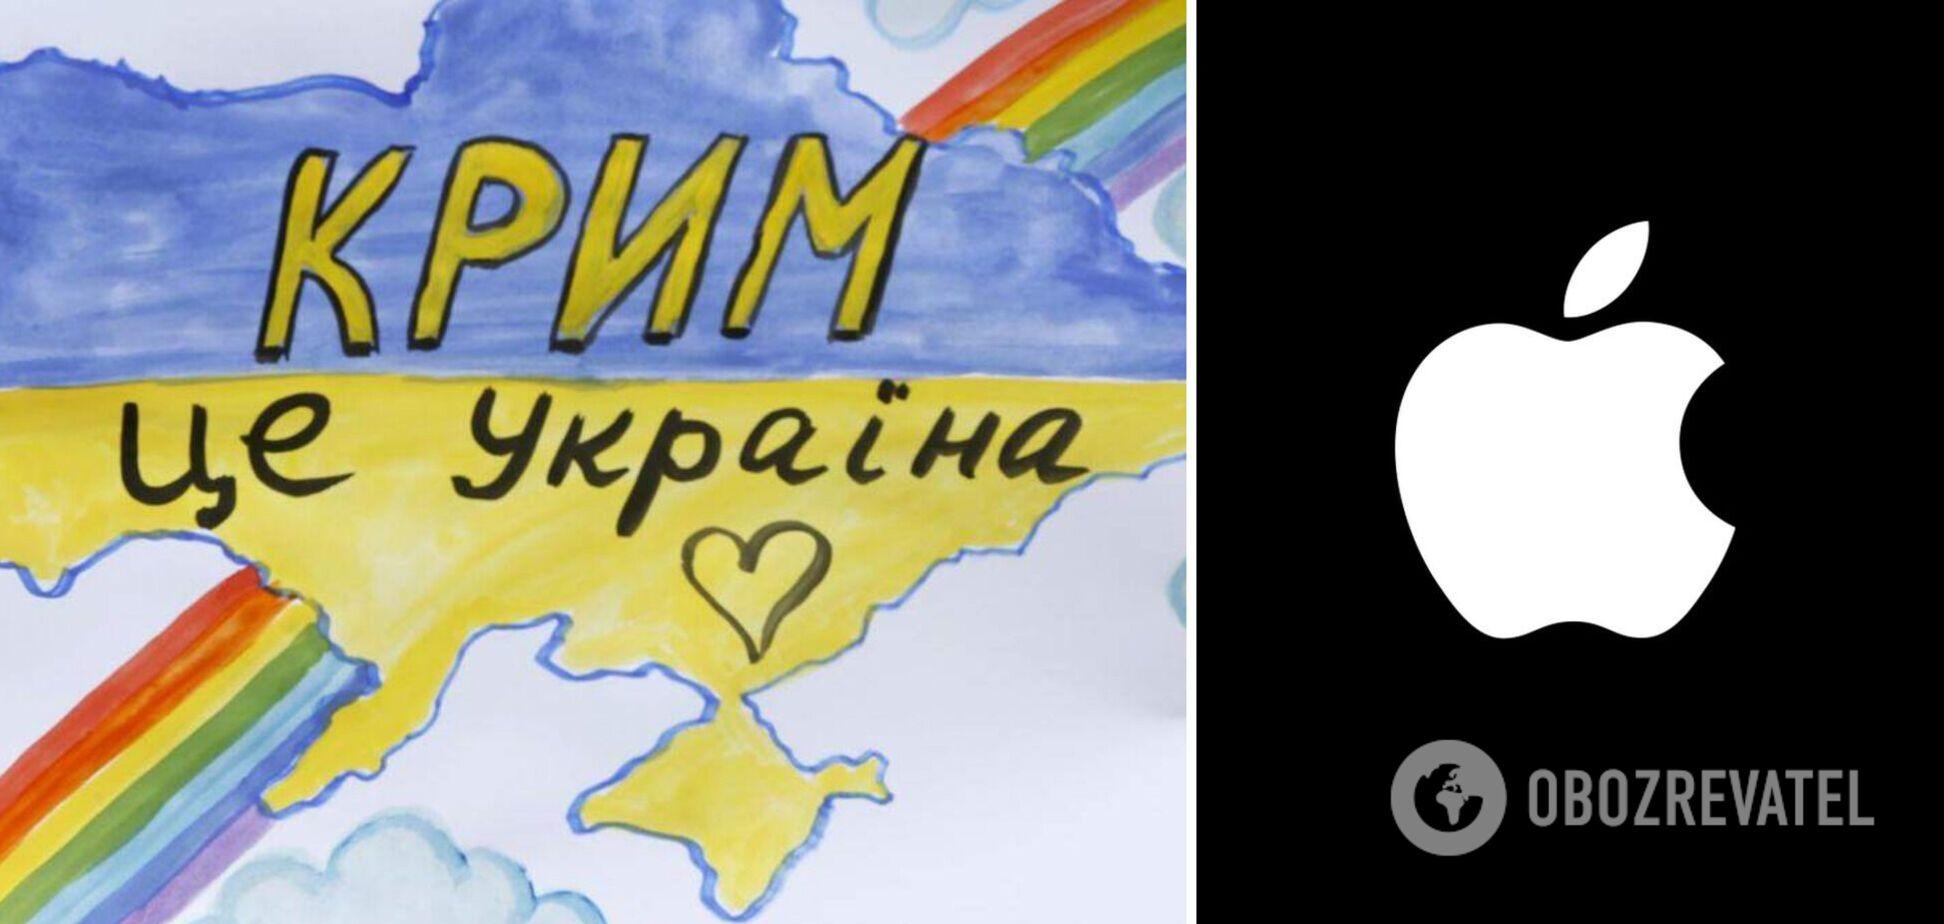 У Apple виправили помилку на карті з Кримом: це Україна. Фото